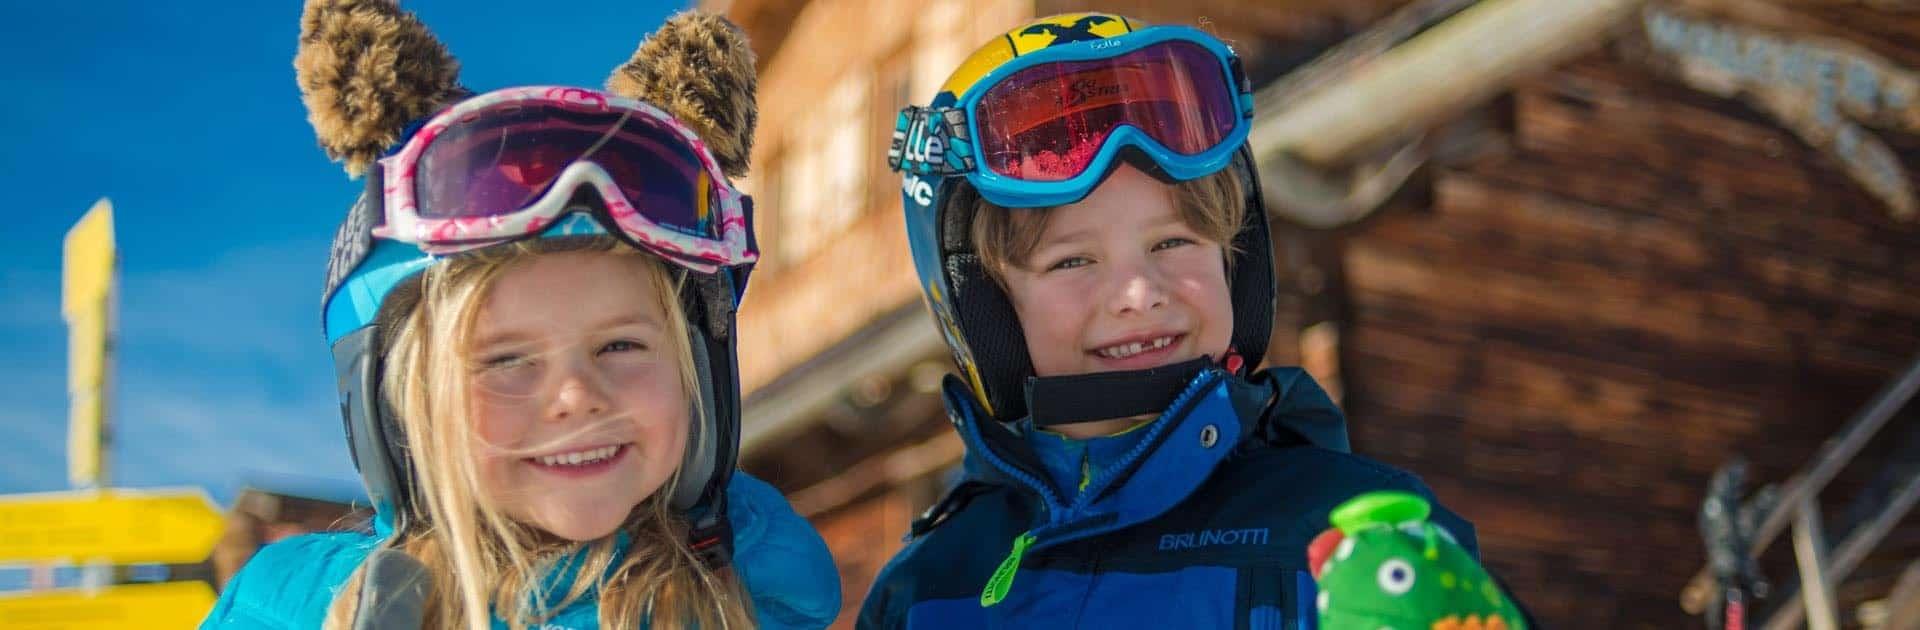 Erlebnisurlaub für Familien im Hotel Matschner